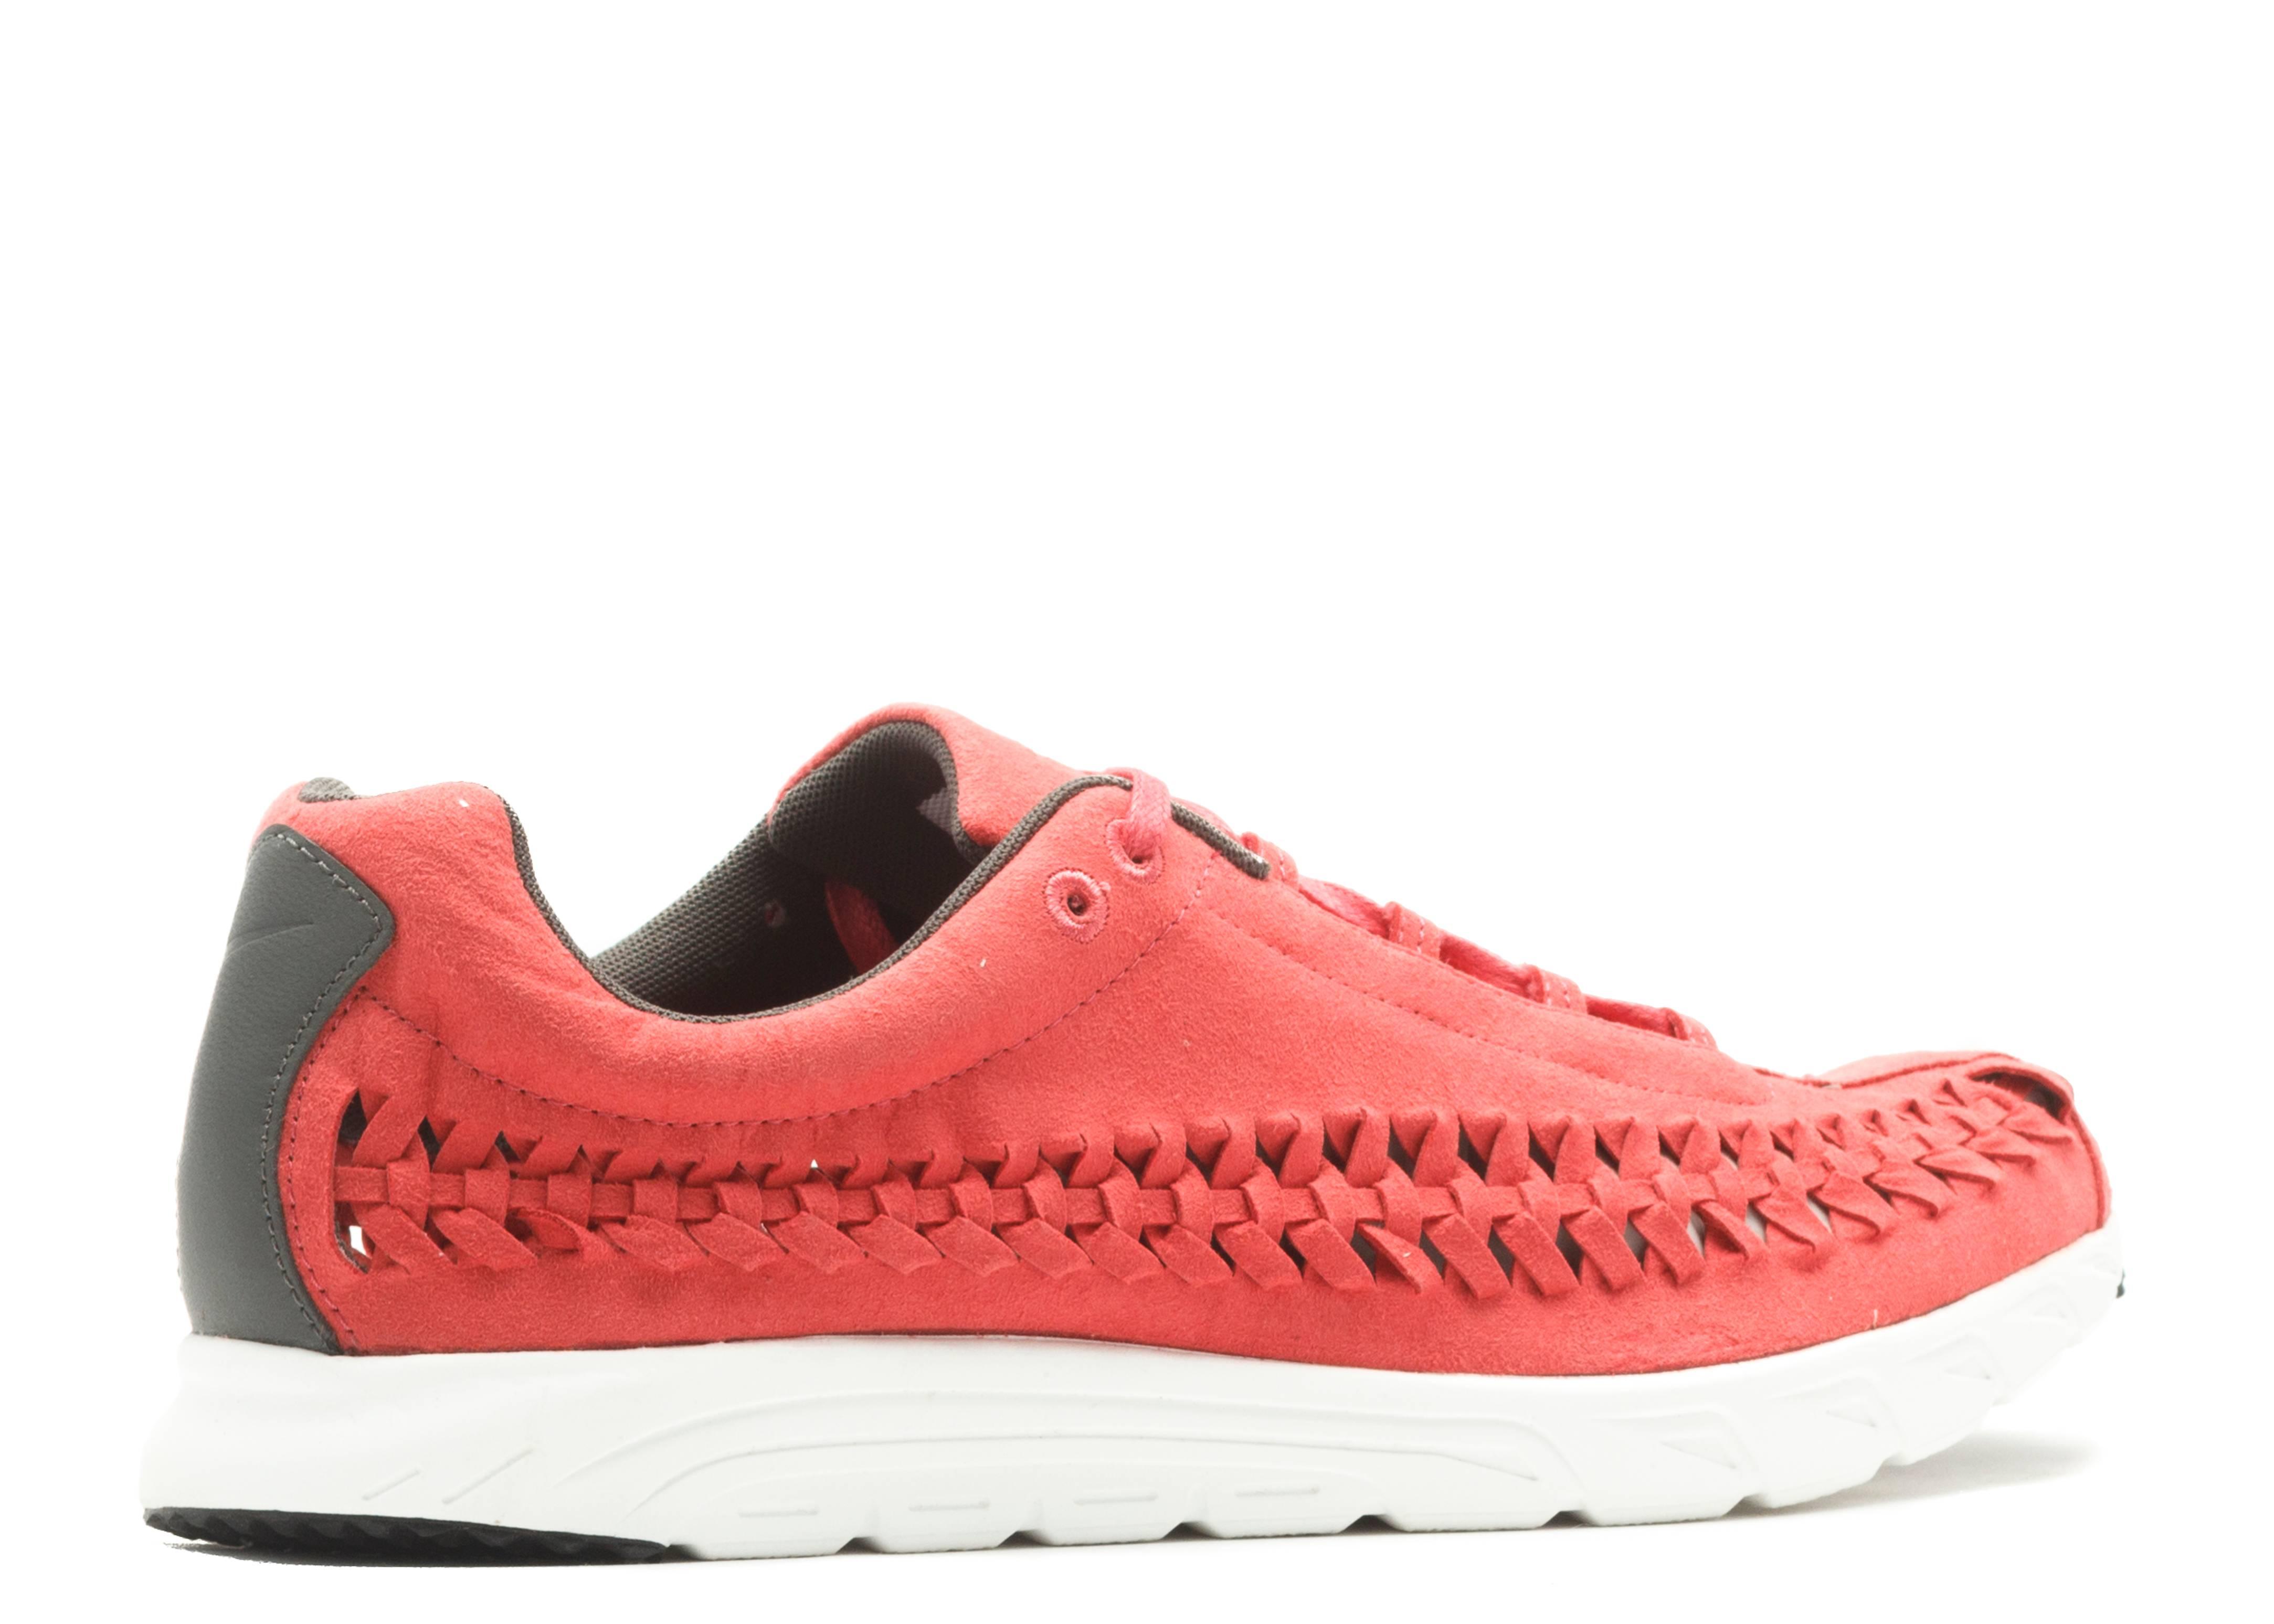 Mayfly Woven - Nike - 833132 600 - terra red  drk bs grey-smmt wht ... 5fbf372e9